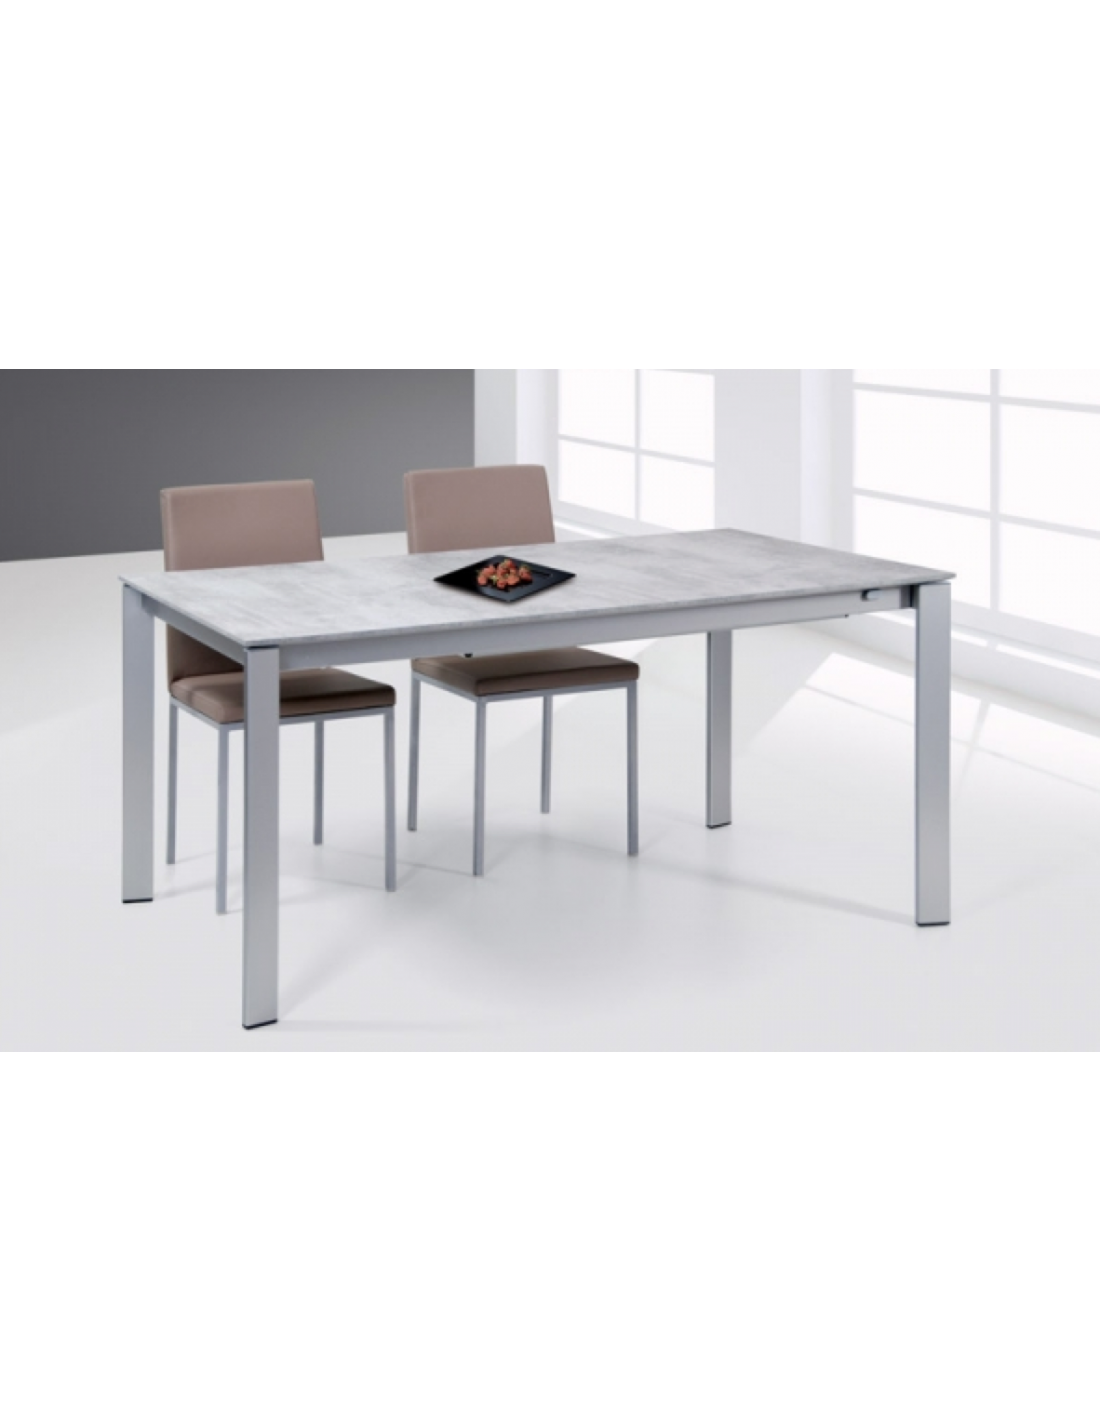 Tavolo in metallo allungabile rettangolare art 2295 for Tavolo rettangolare allungabile